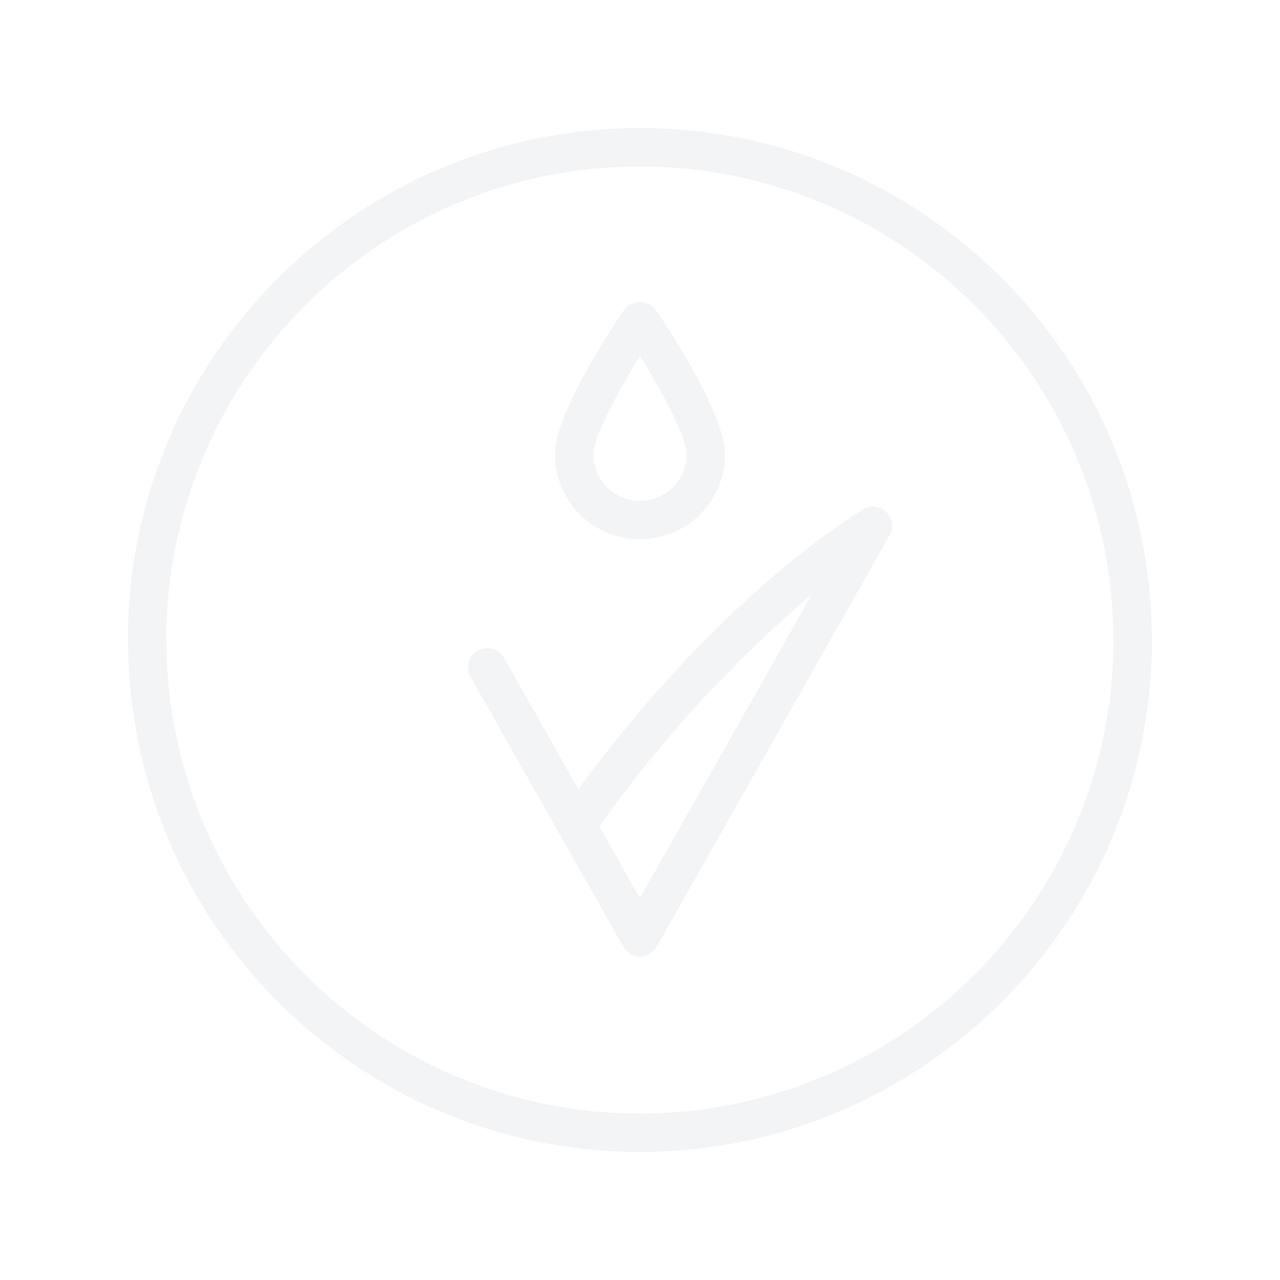 DIOR Diorskin Forever & Ever Control Loose Powder No.001 8g